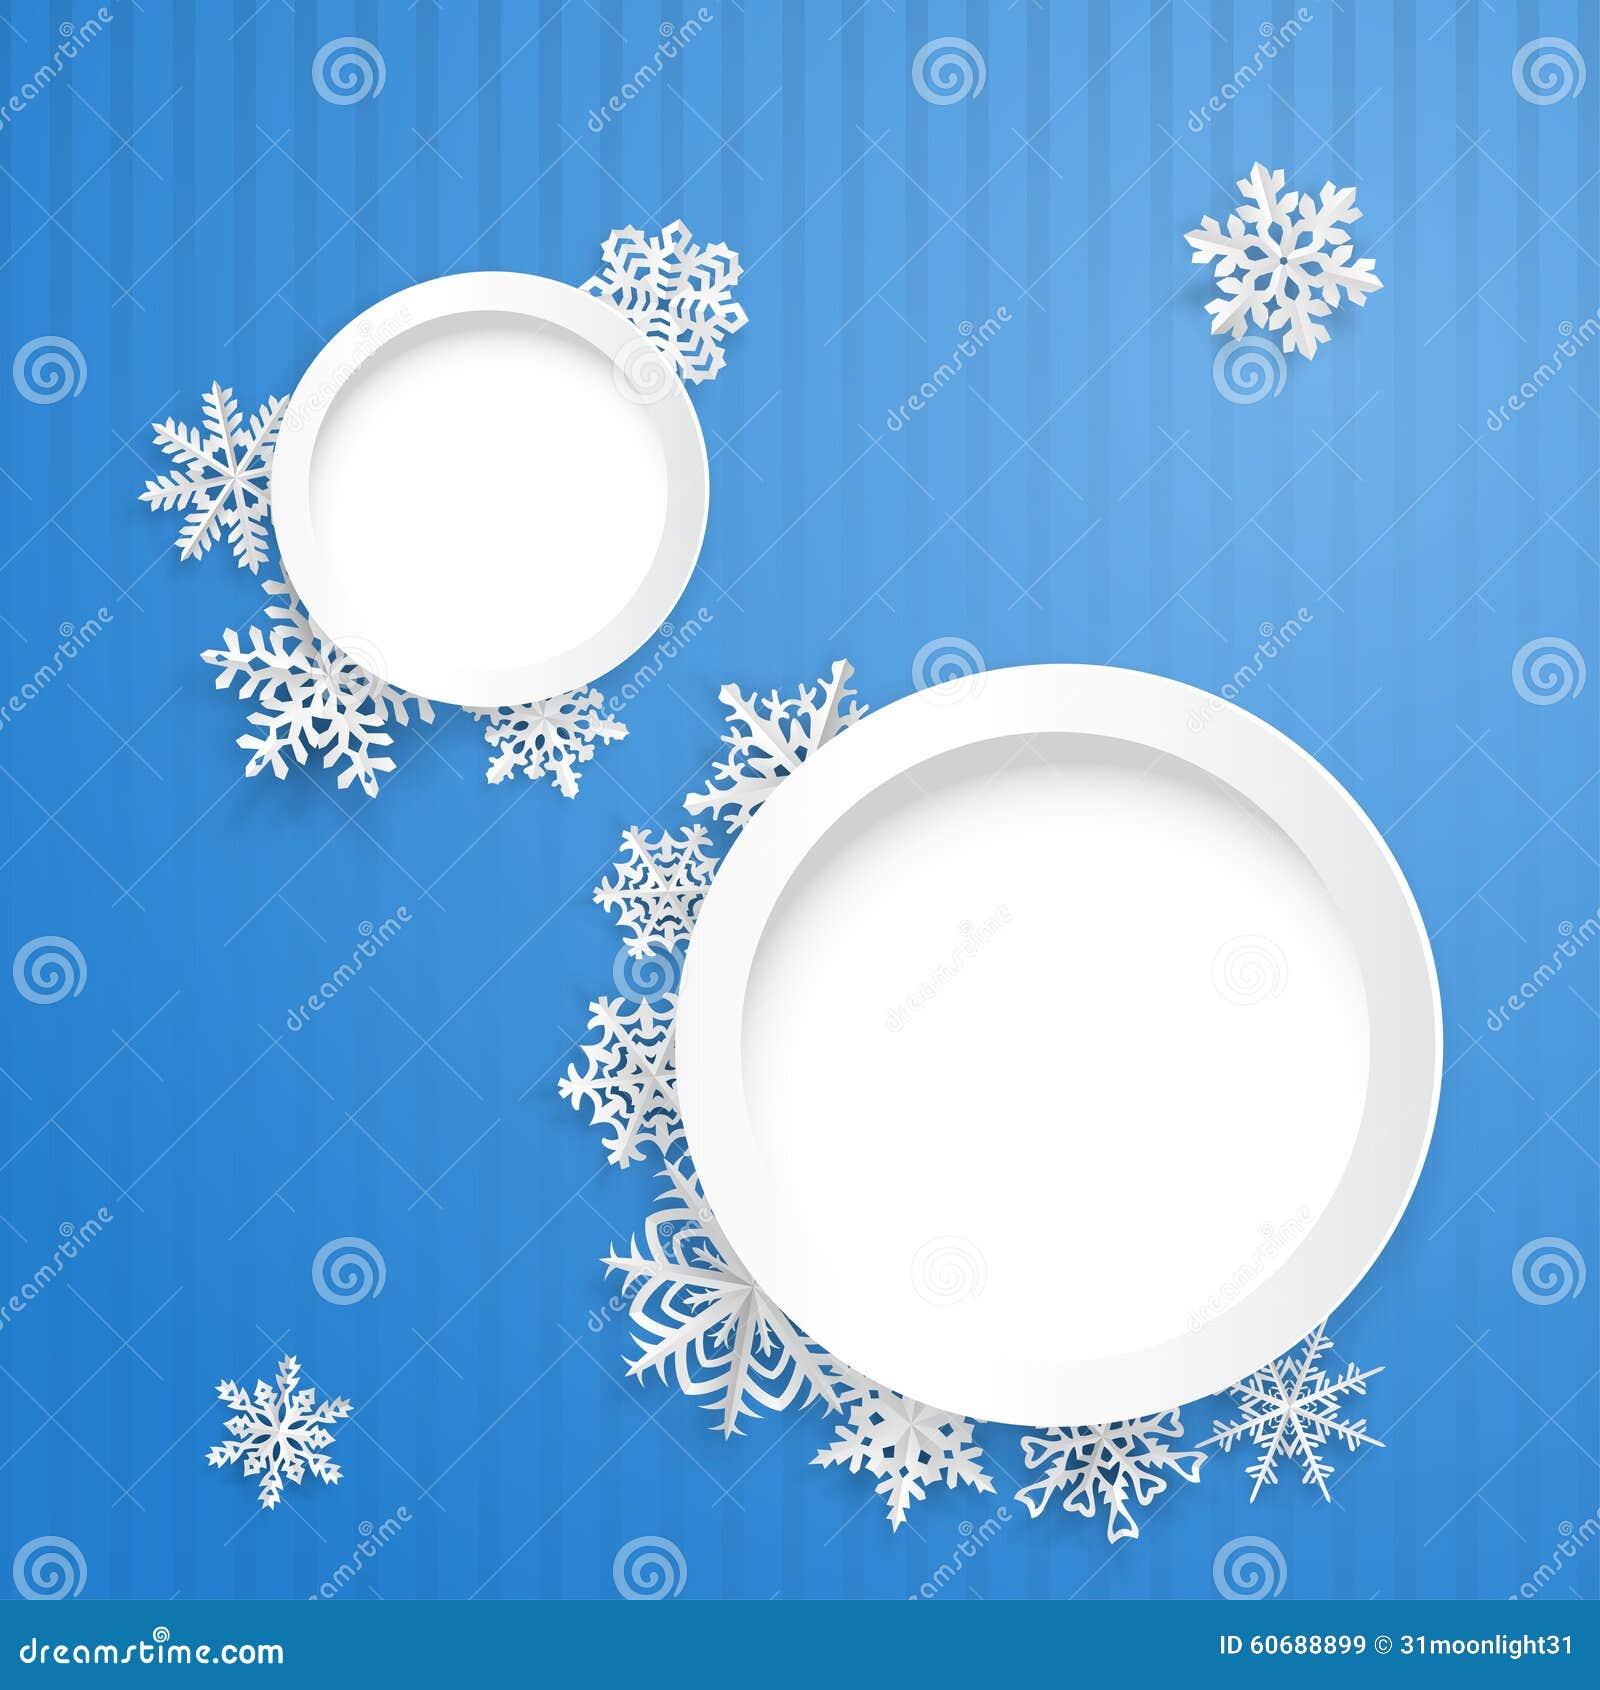 Fondo De La Navidad Con Dos Marcos Y Copos De Nieve Redondos ...